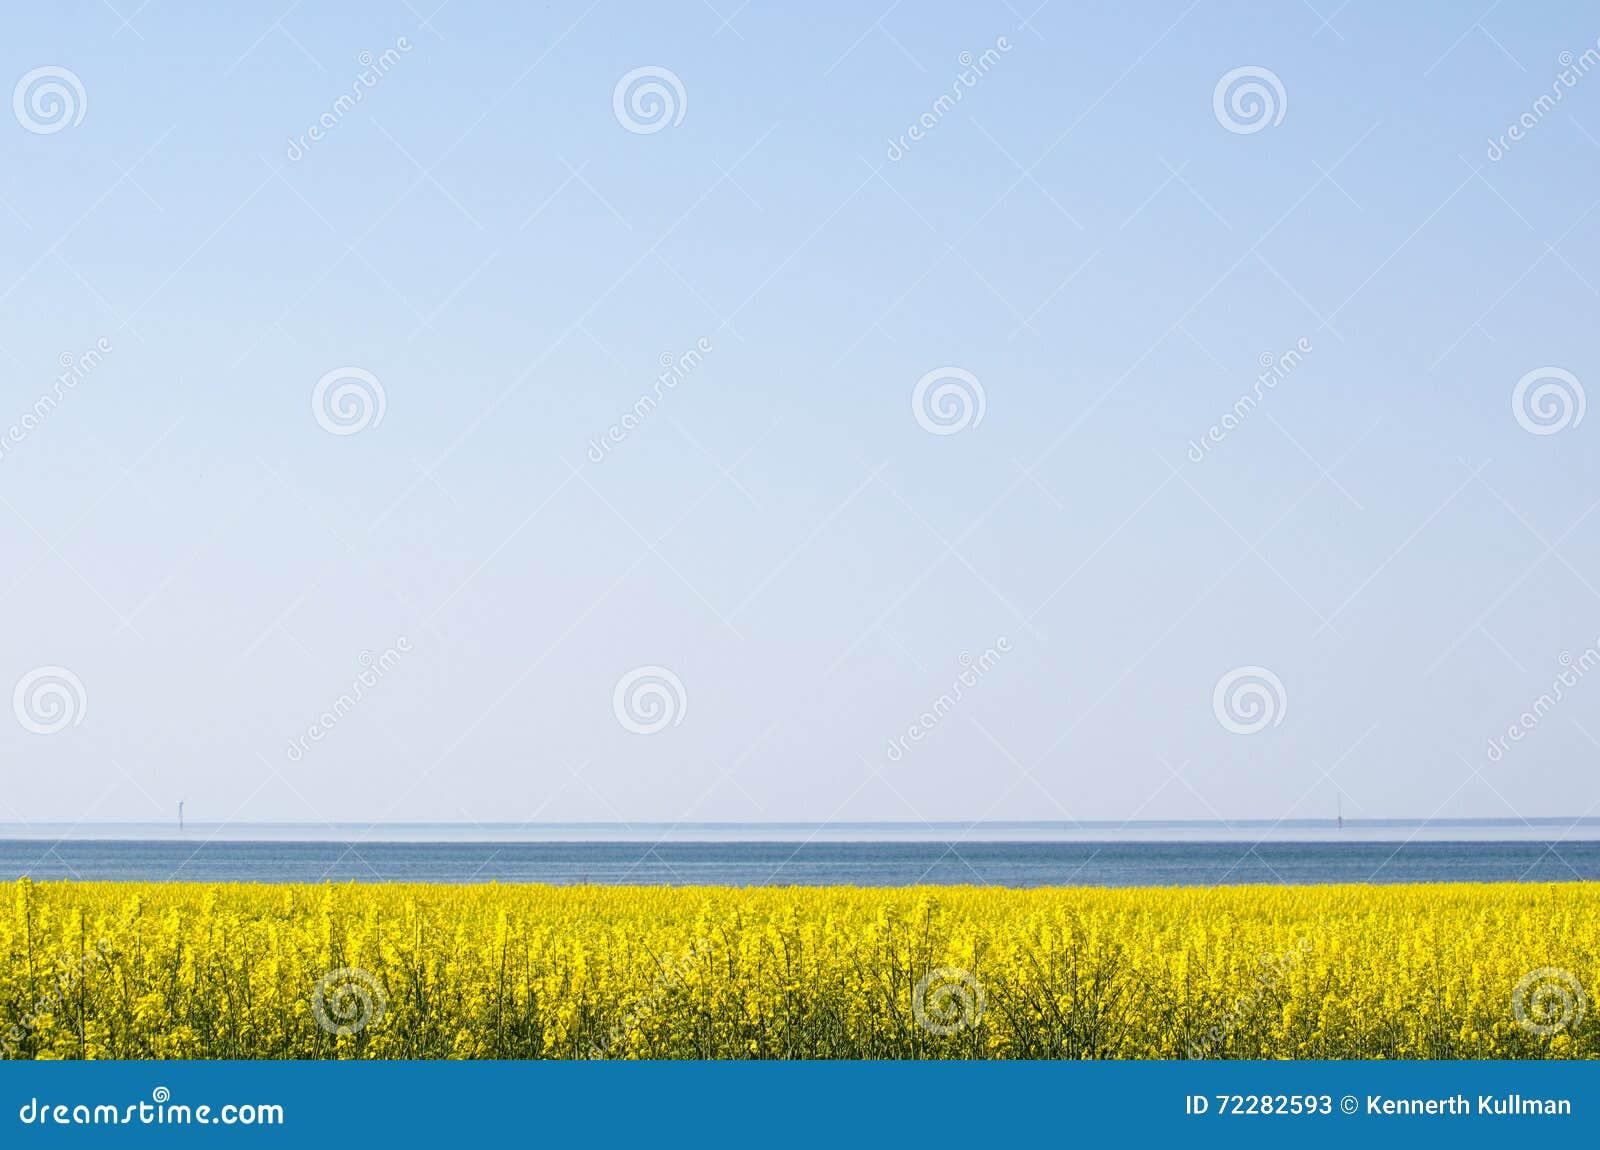 Download Канола поле побережьем стоковое изображение. изображение насчитывающей море - 72282593